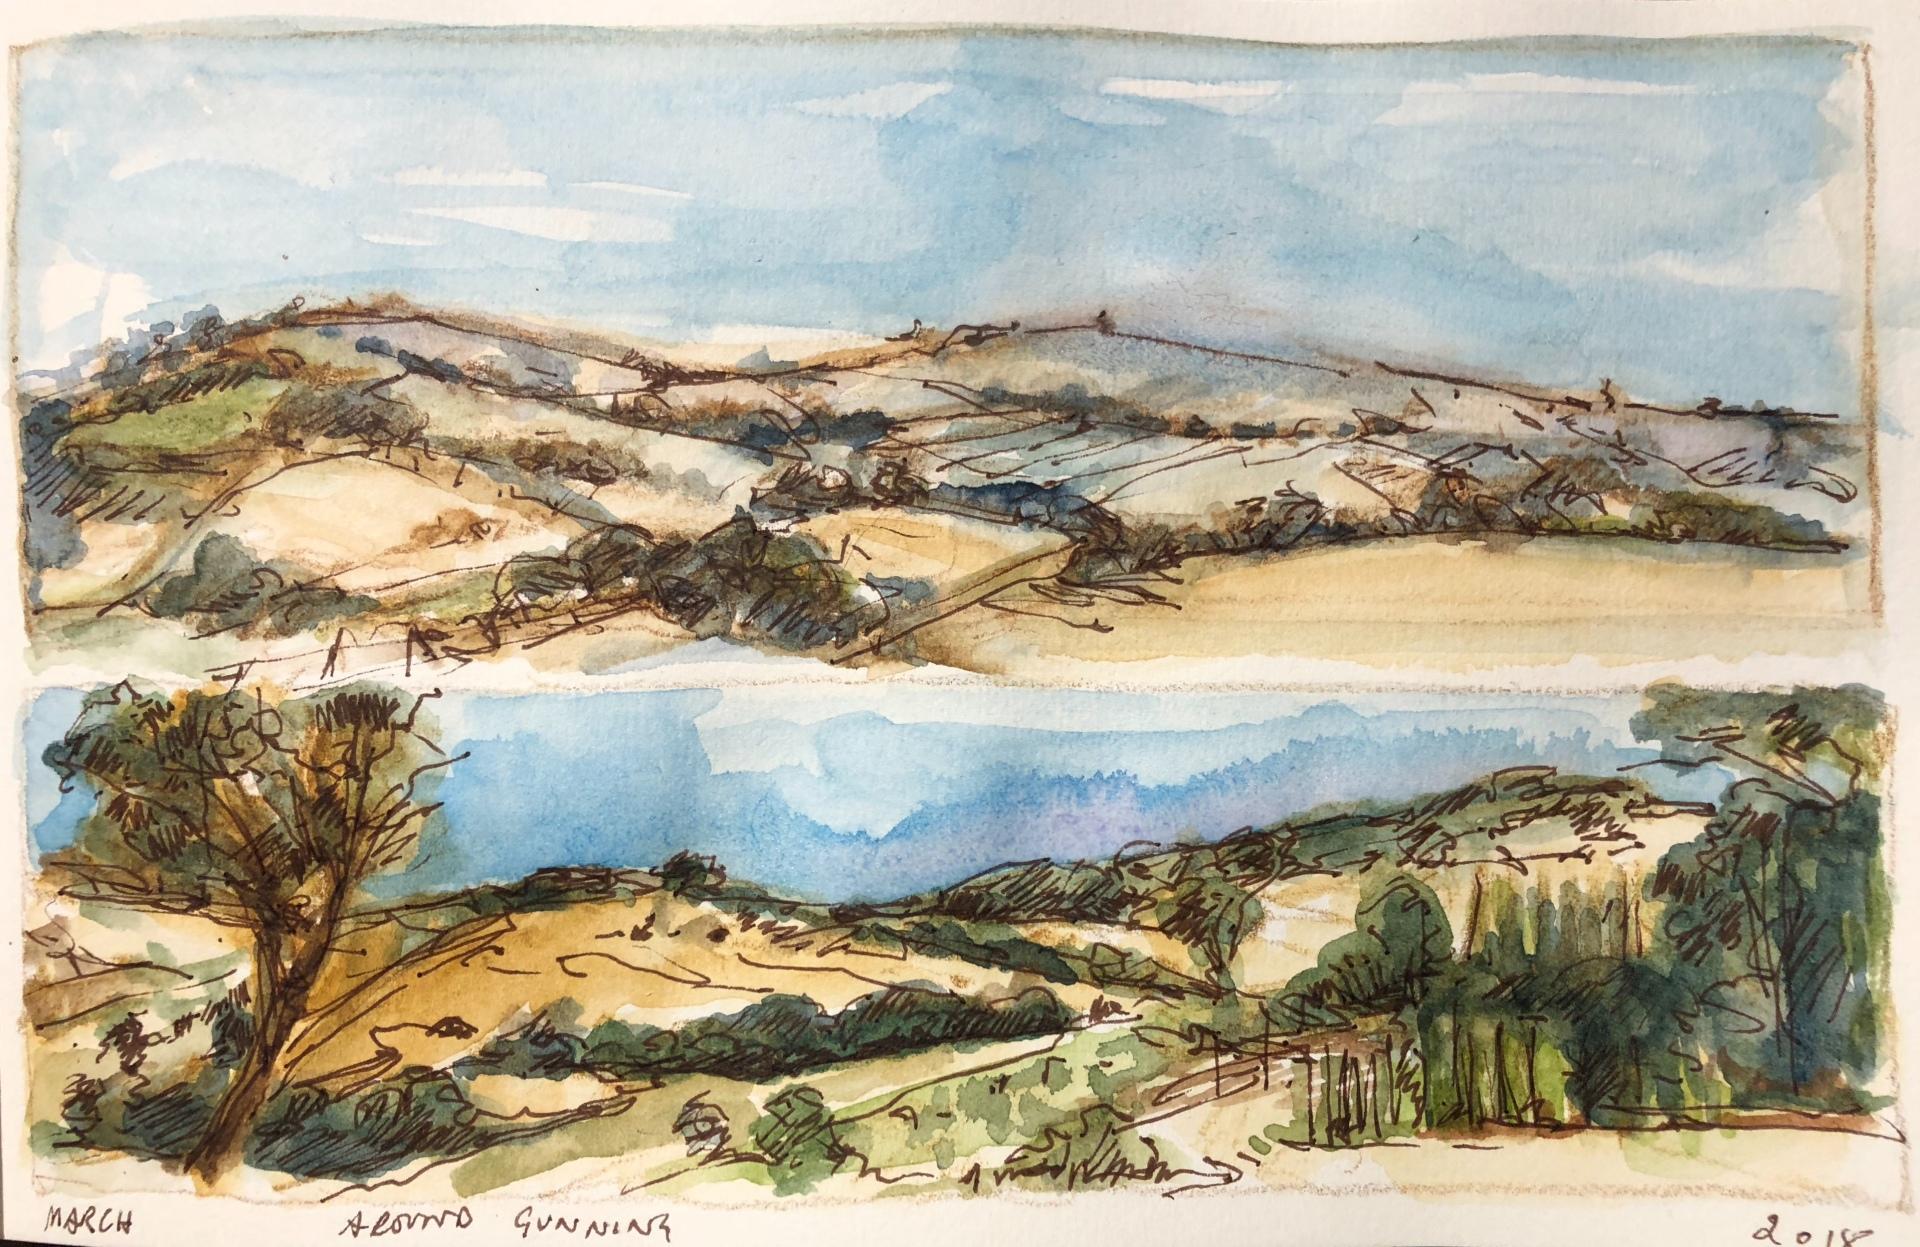 Gunning Landscape